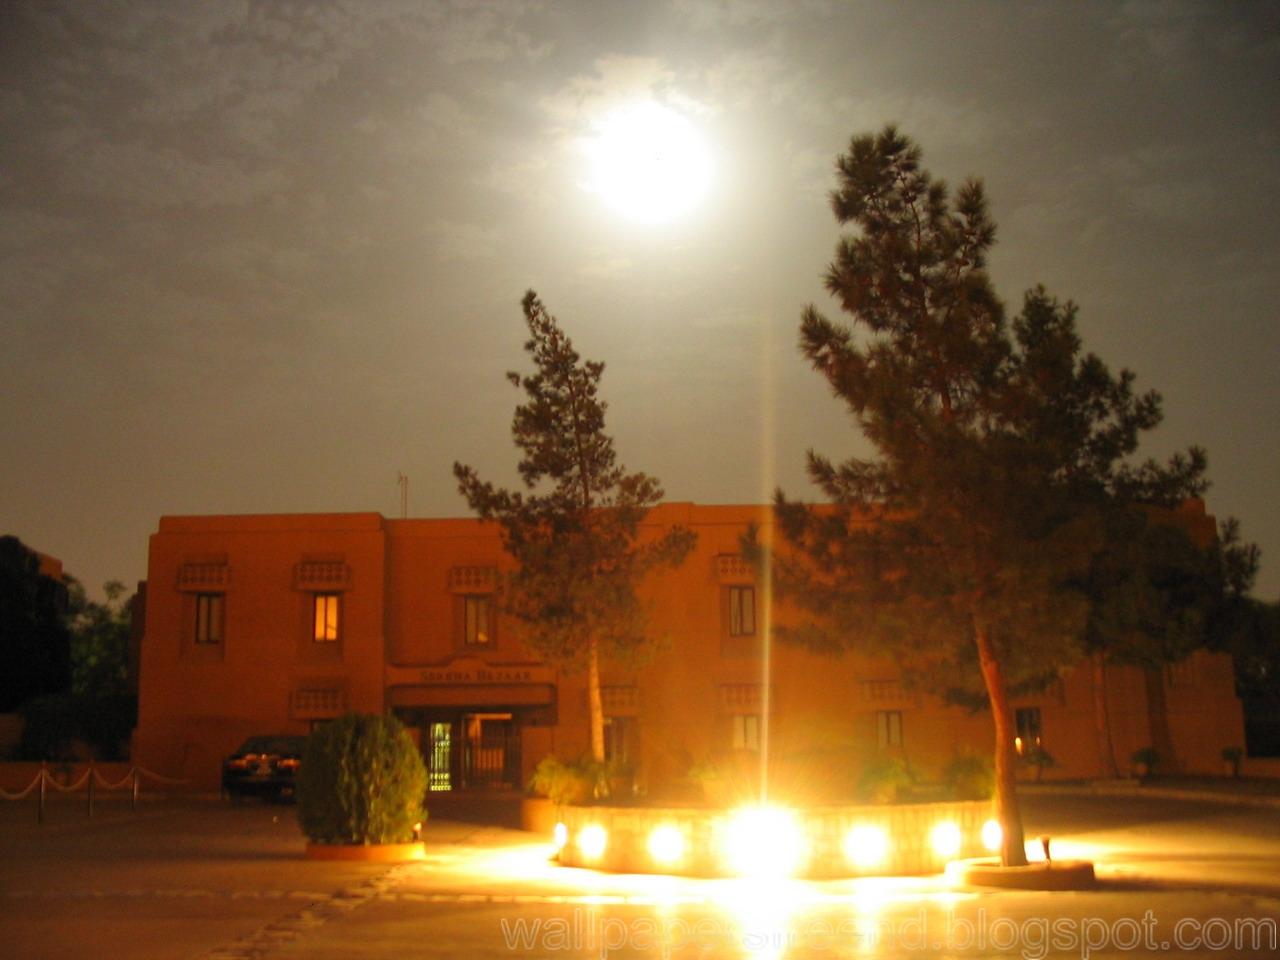 http://4.bp.blogspot.com/-Nz03BtyIpIA/TivjcAEx3OI/AAAAAAAADE4/HFPlVTg-Eak/s1600/Quetta+Serena.jpg